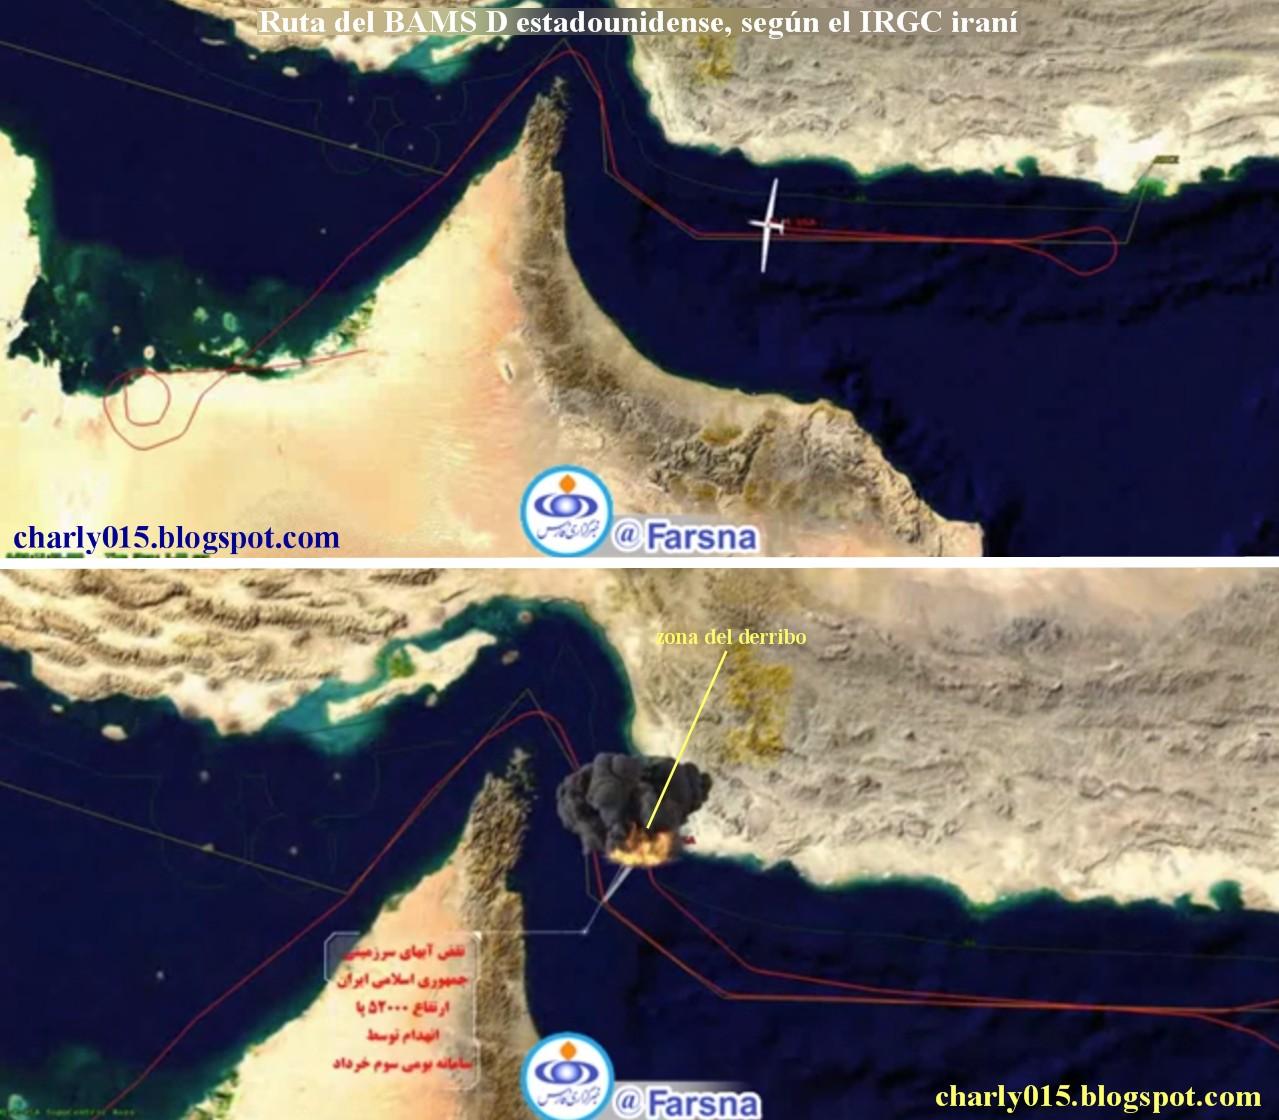 Conflicto Iran vs EEUU de norteamerica EEUU%2Bderribo%2Bdrone%2Ben%2BIr%25C3%25A1n%2B2